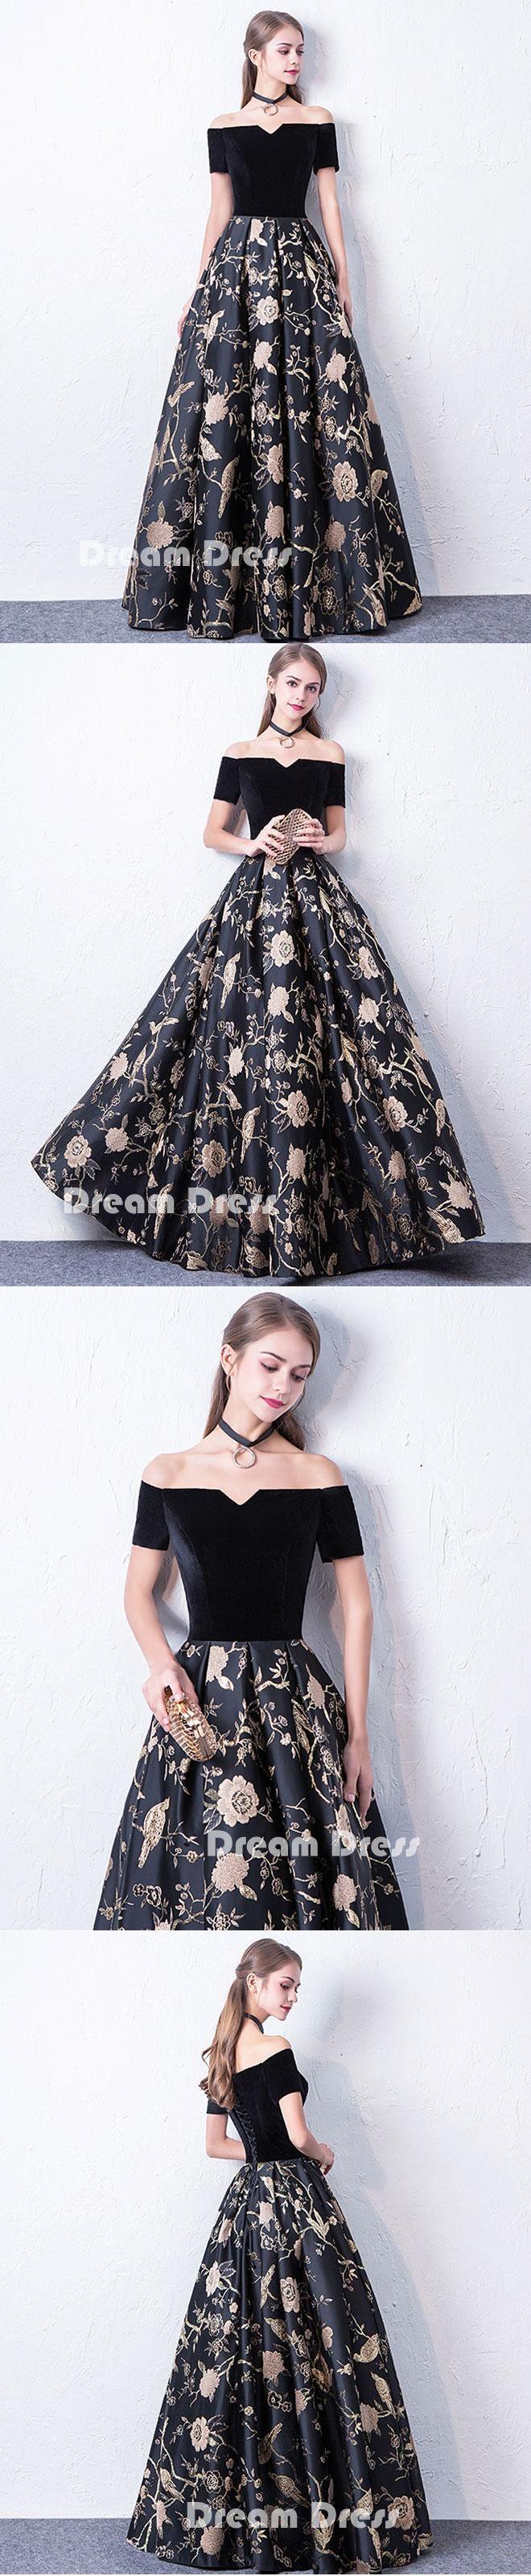 best prom dressesdream dress images on pinterest dream dress